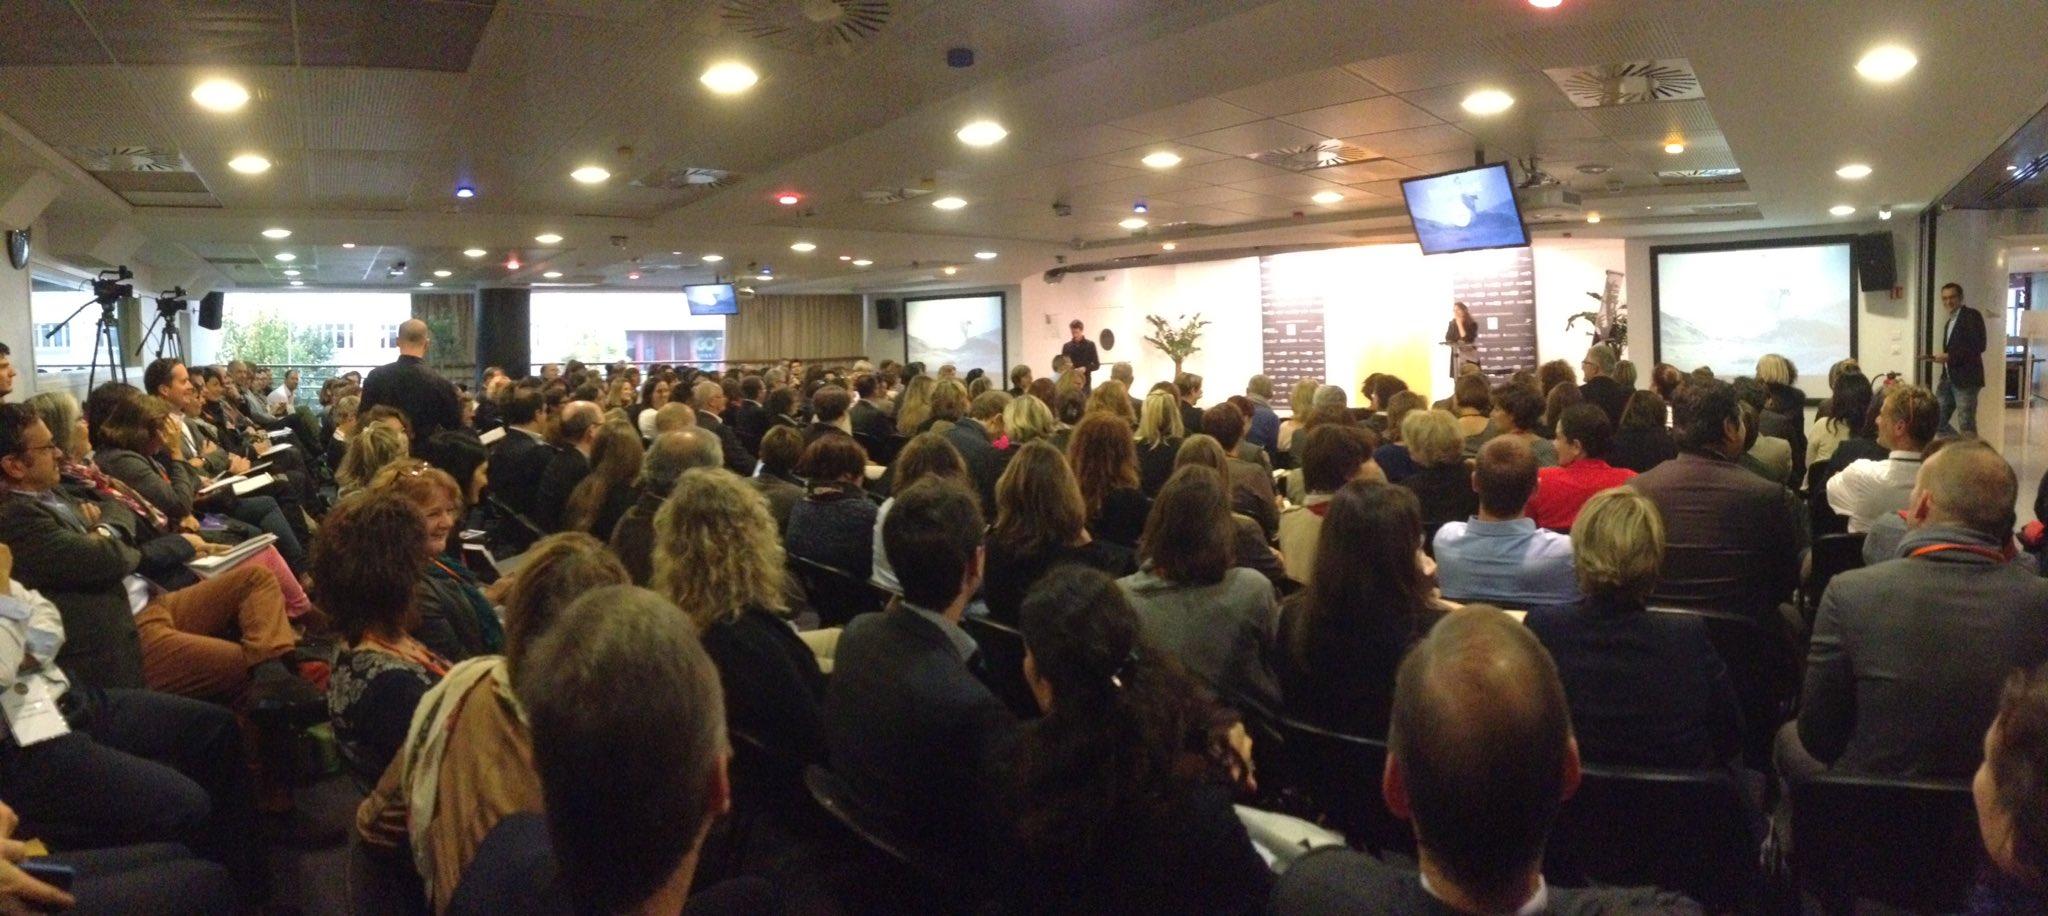 Le #forumRH de Nantes commence par des rires, merci @labelleboite ! https://t.co/CpVlDJy3cC